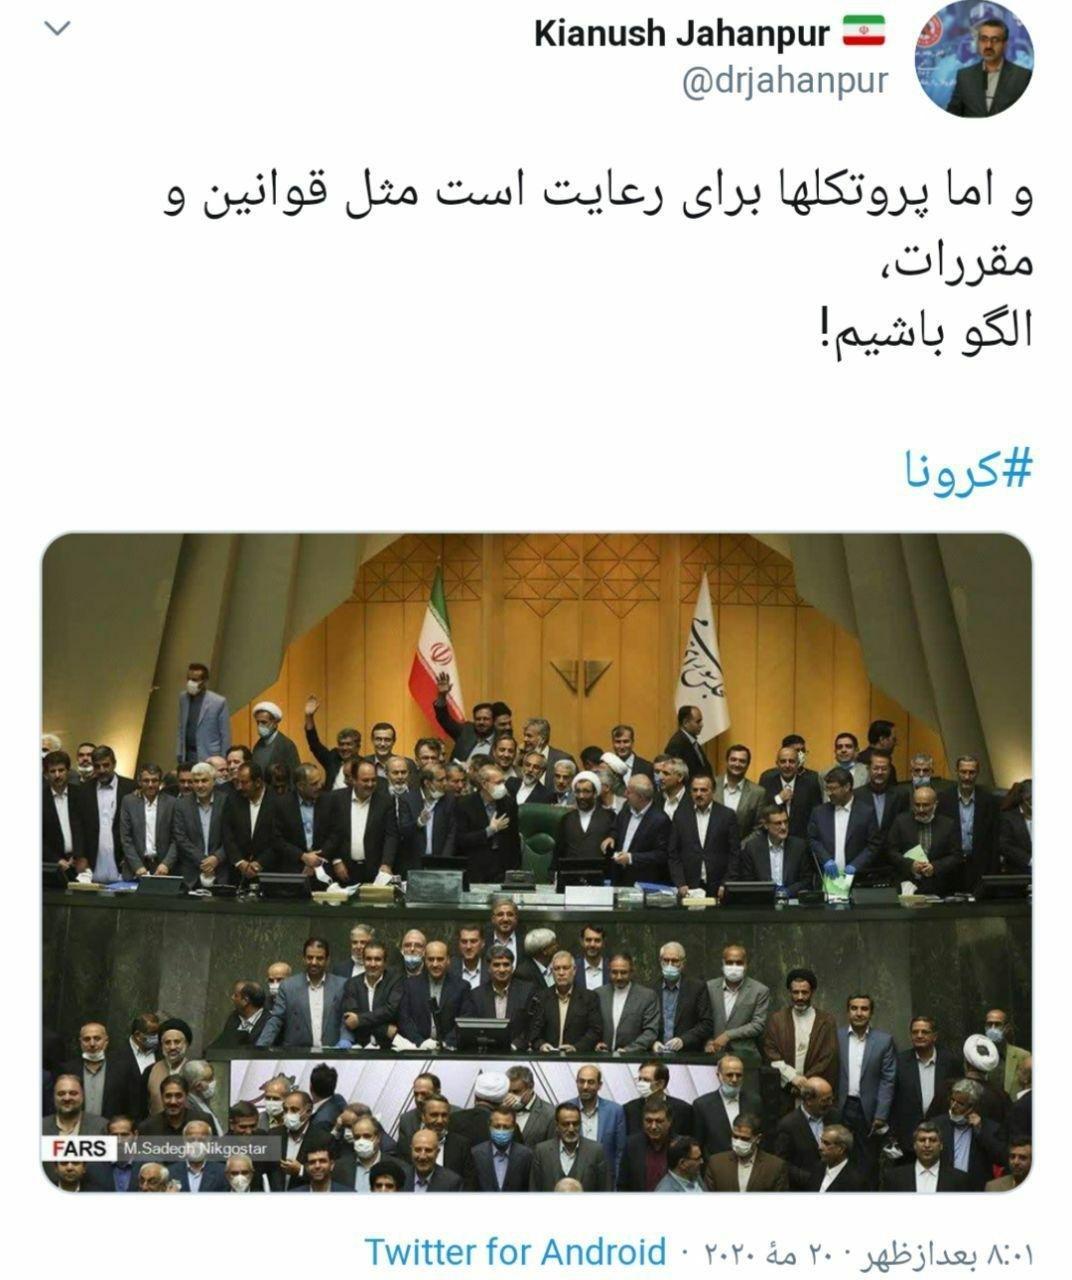 کنایه سخنگوی وزارت بهداشت به عکس یادگاری نمایندگان مجلس